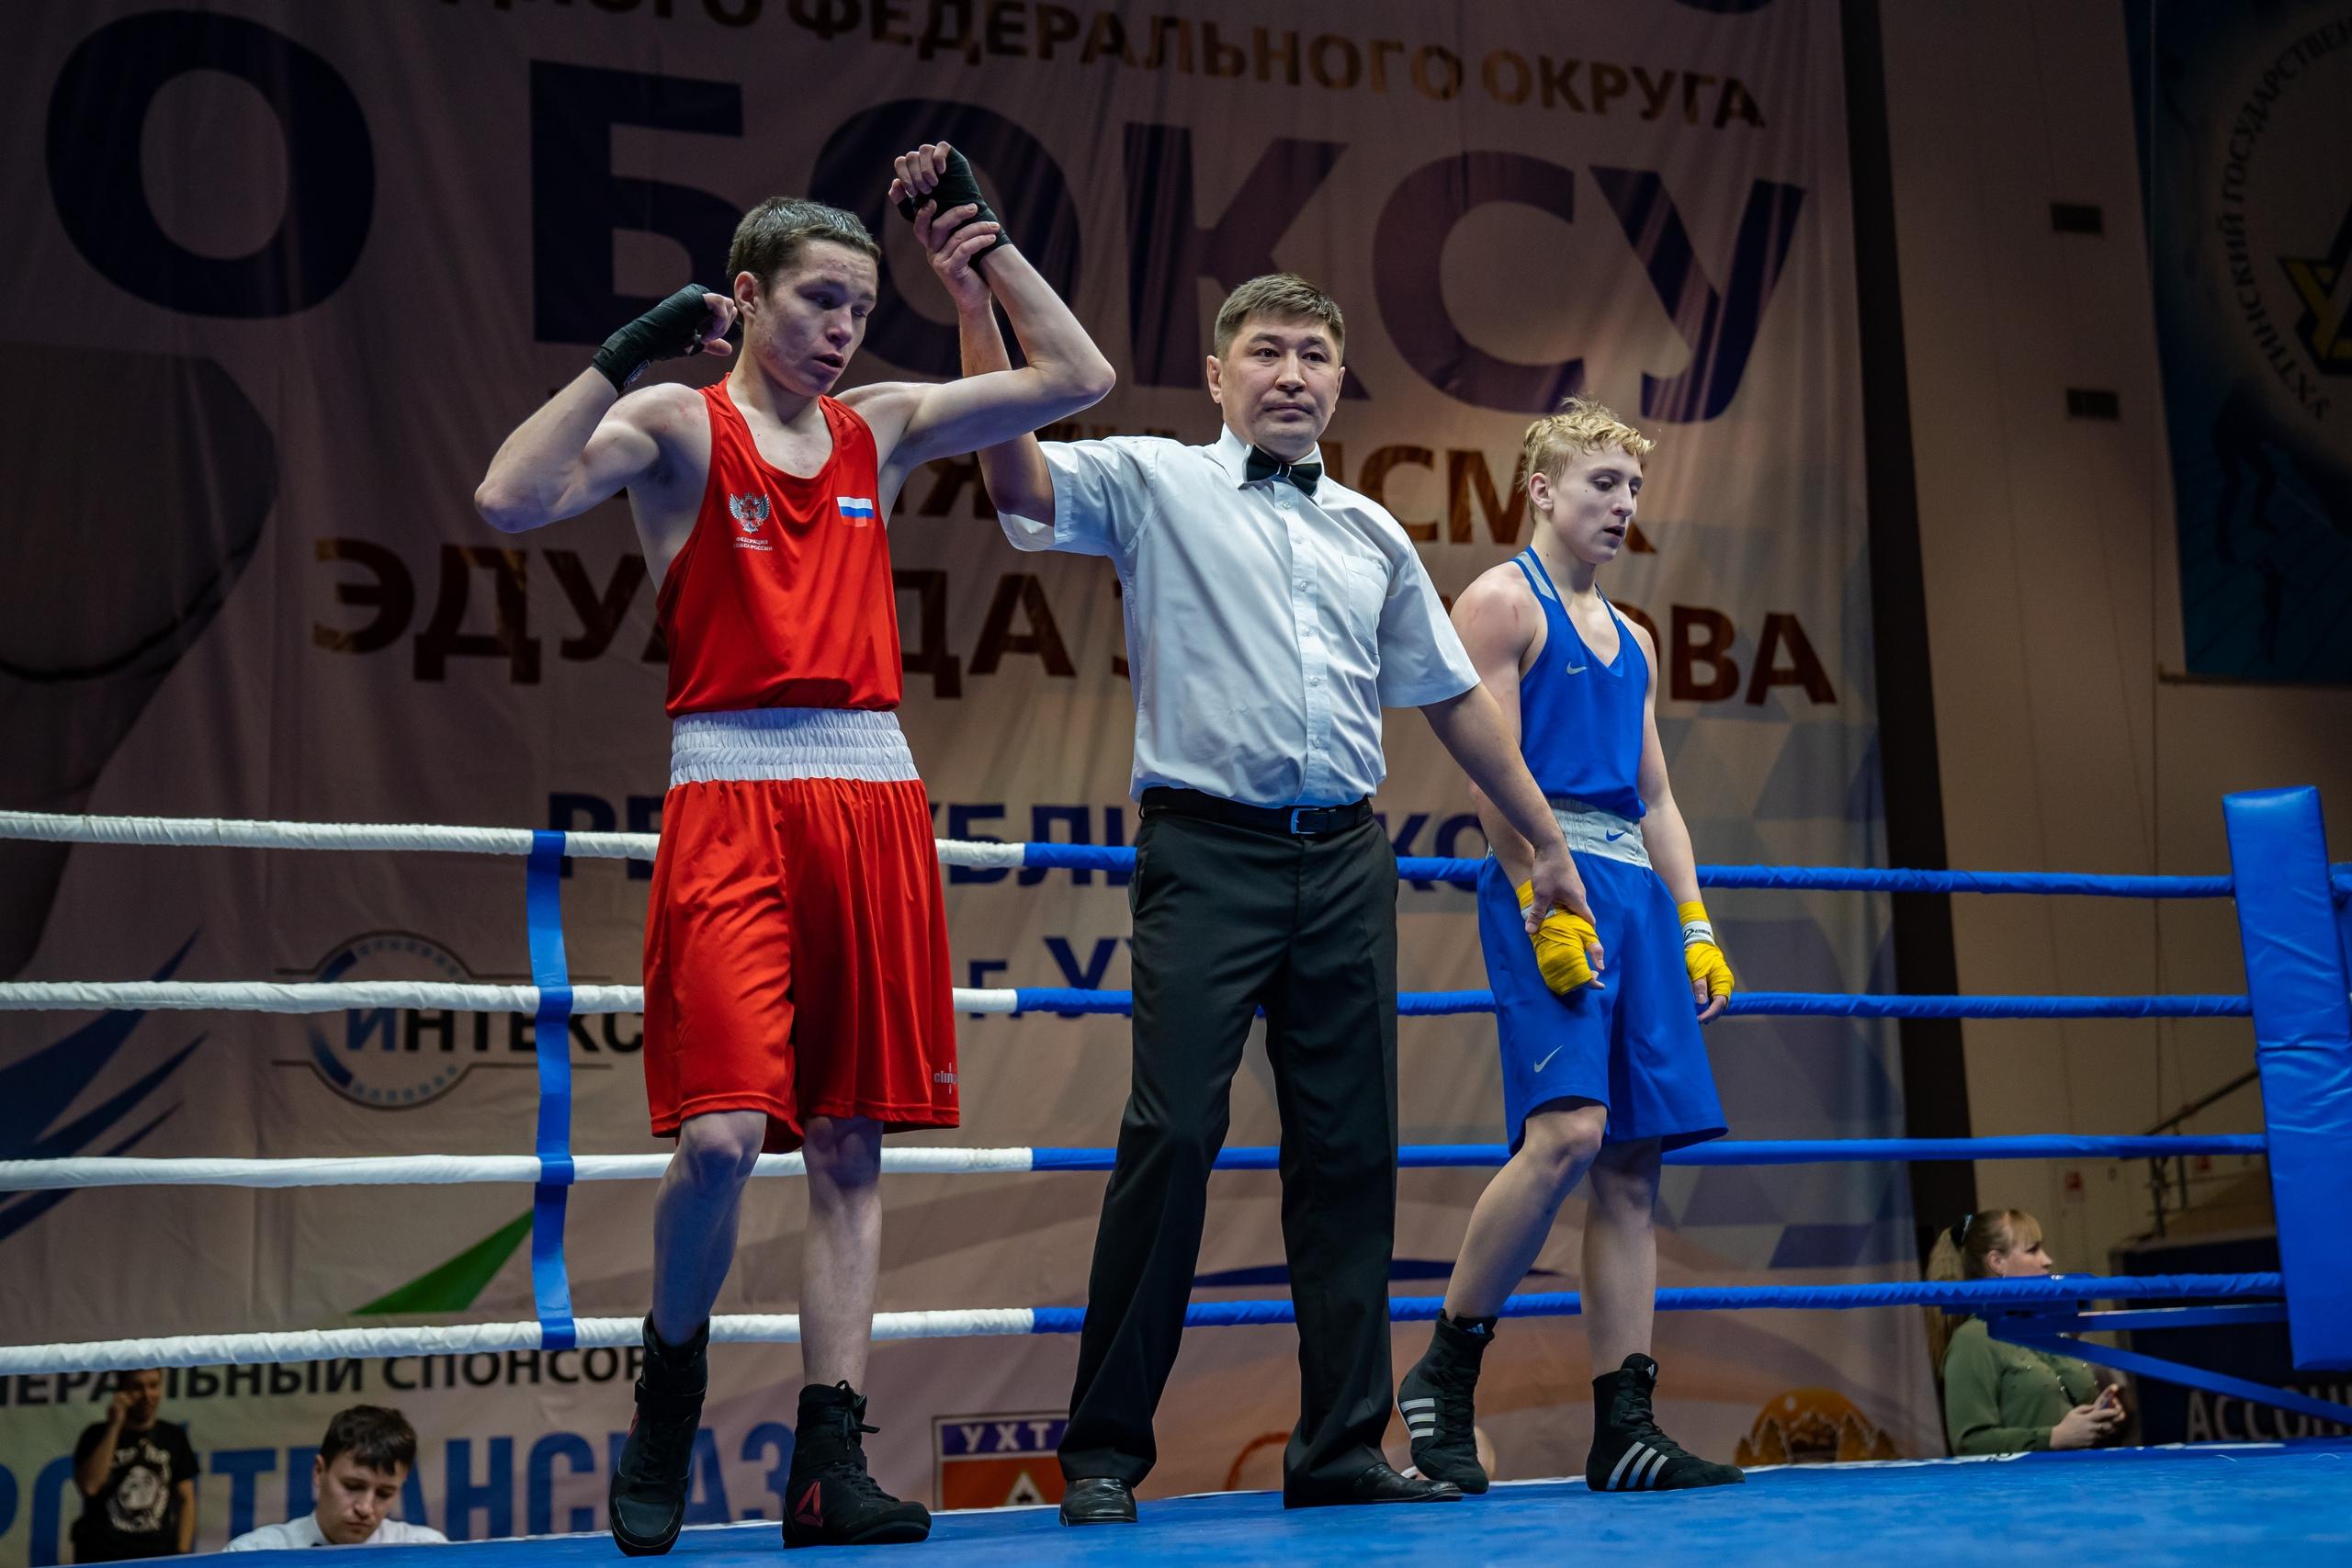 Фото с первенства СЗФО по боксу среди юниоров Ухта 2020_10